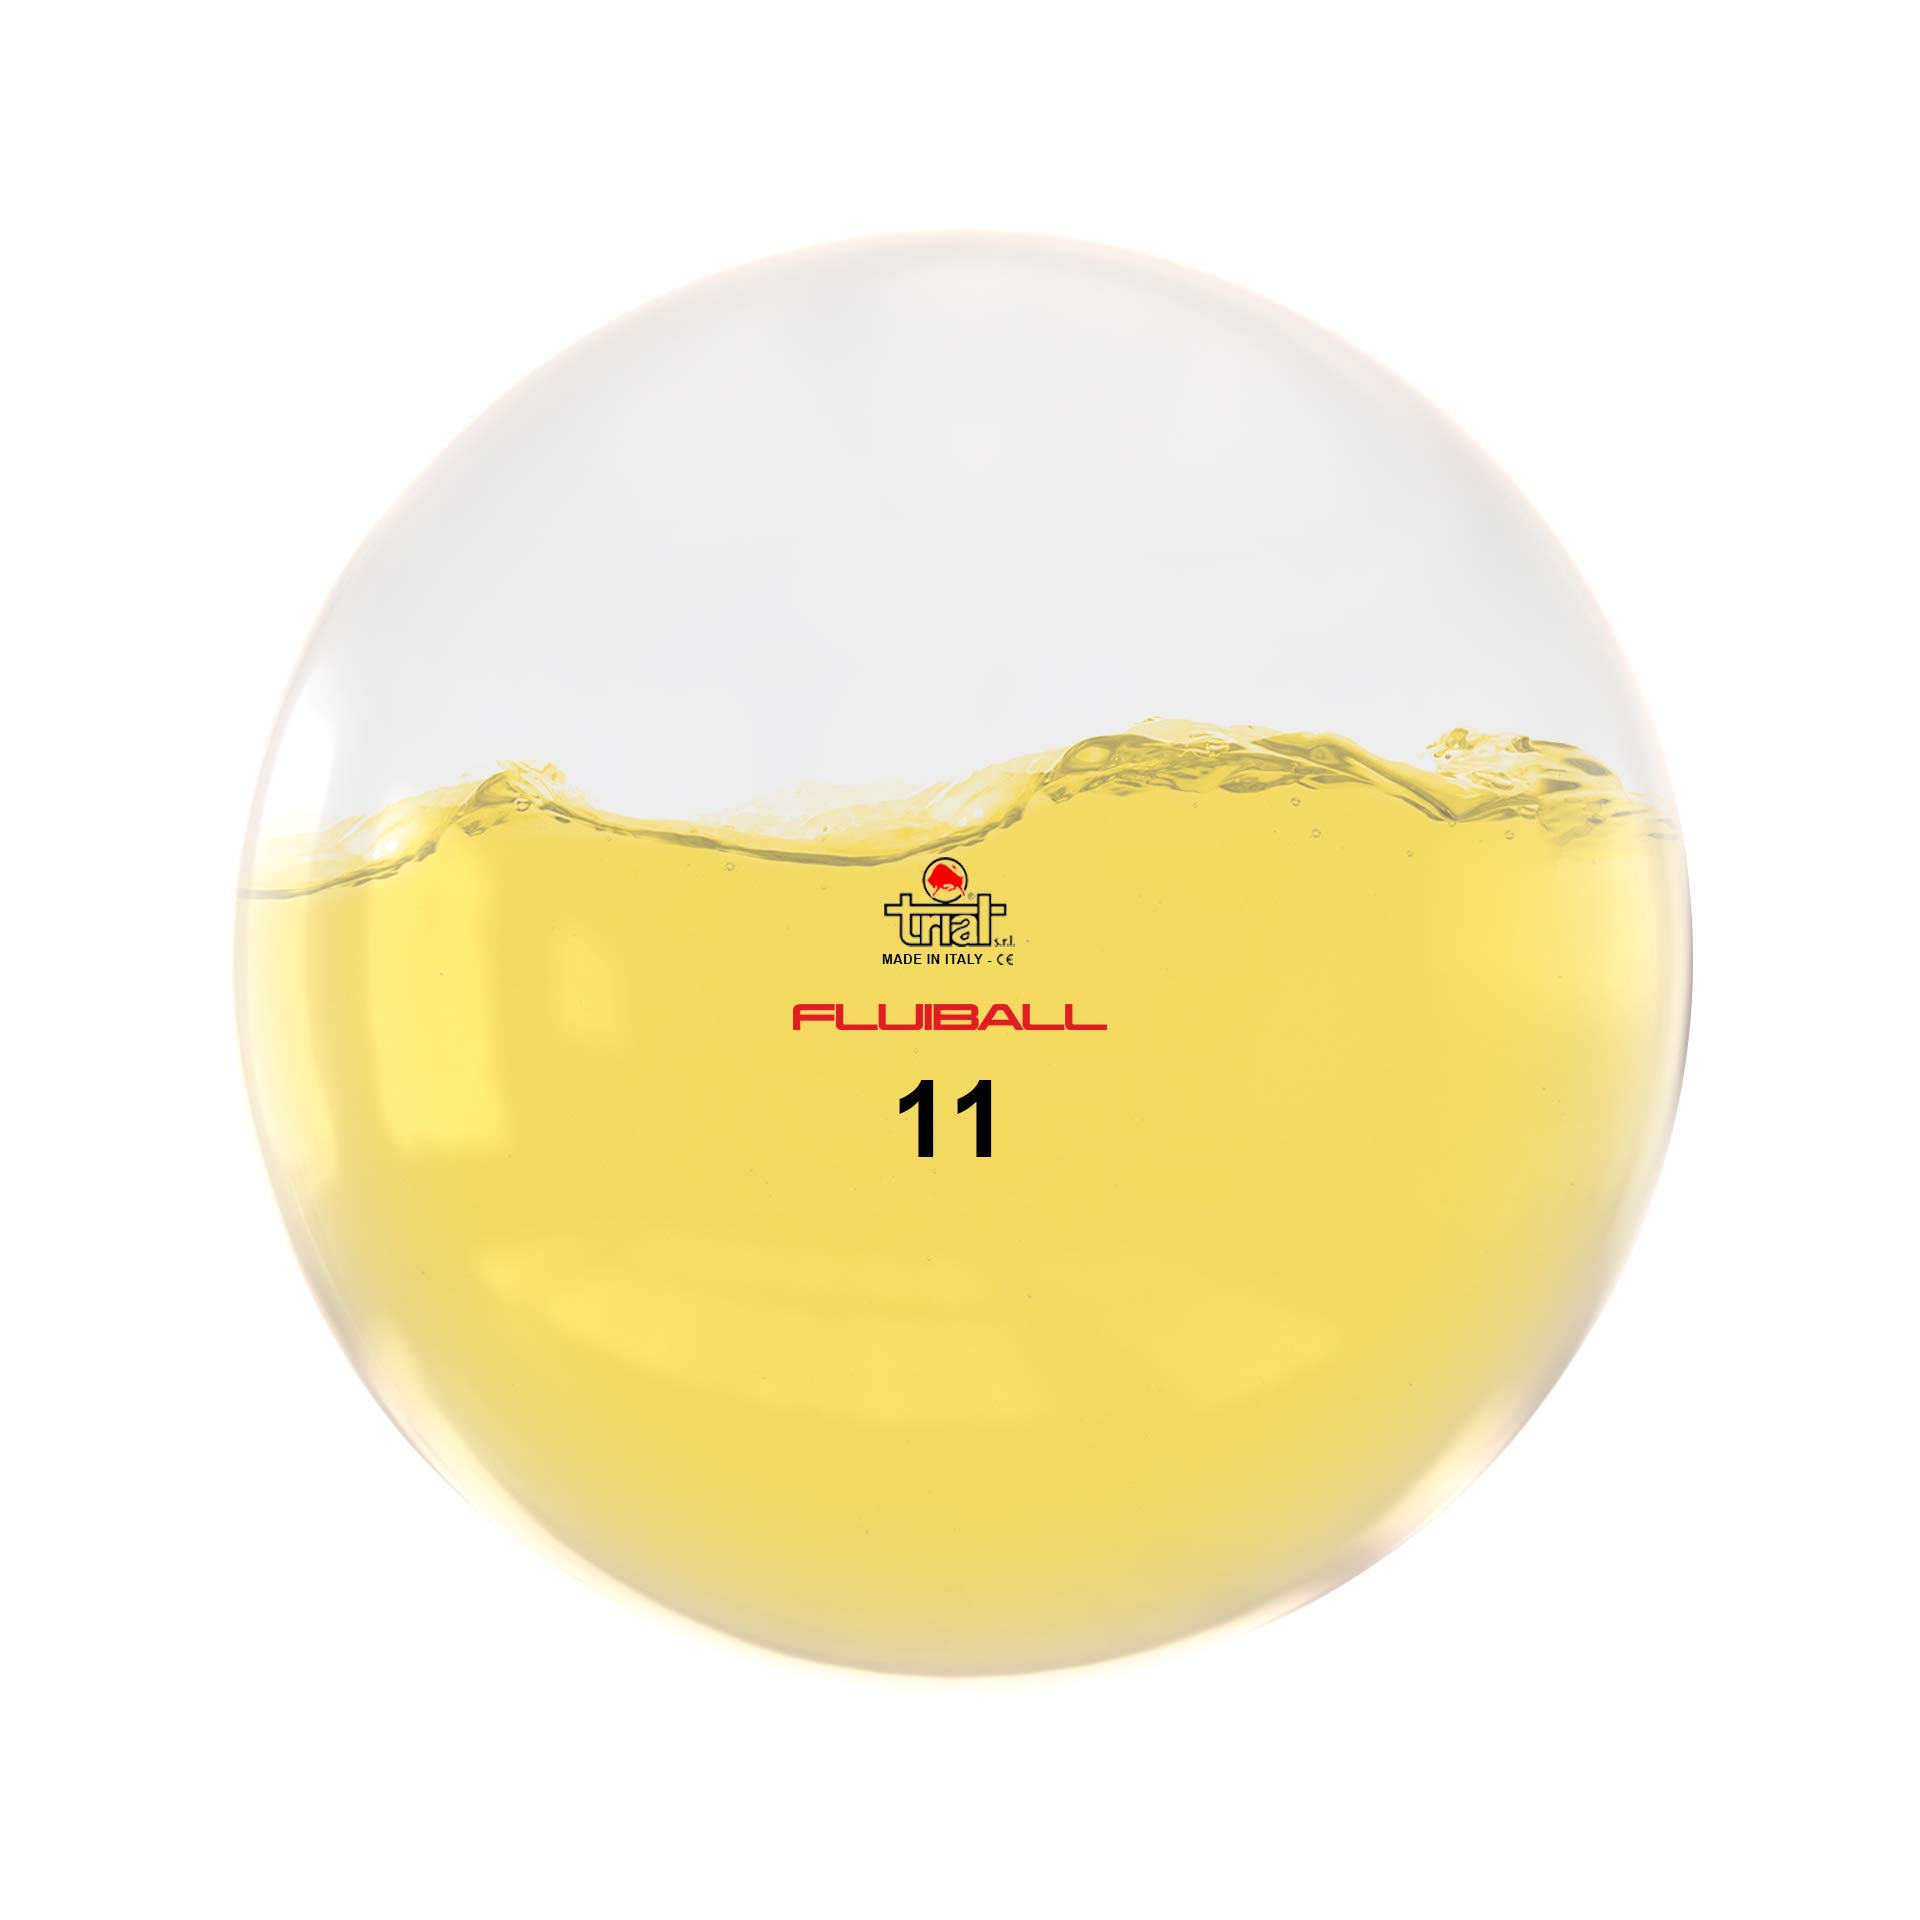 REAXING Fluiball, Balón Medicinal Innovador con el Interior, una ...